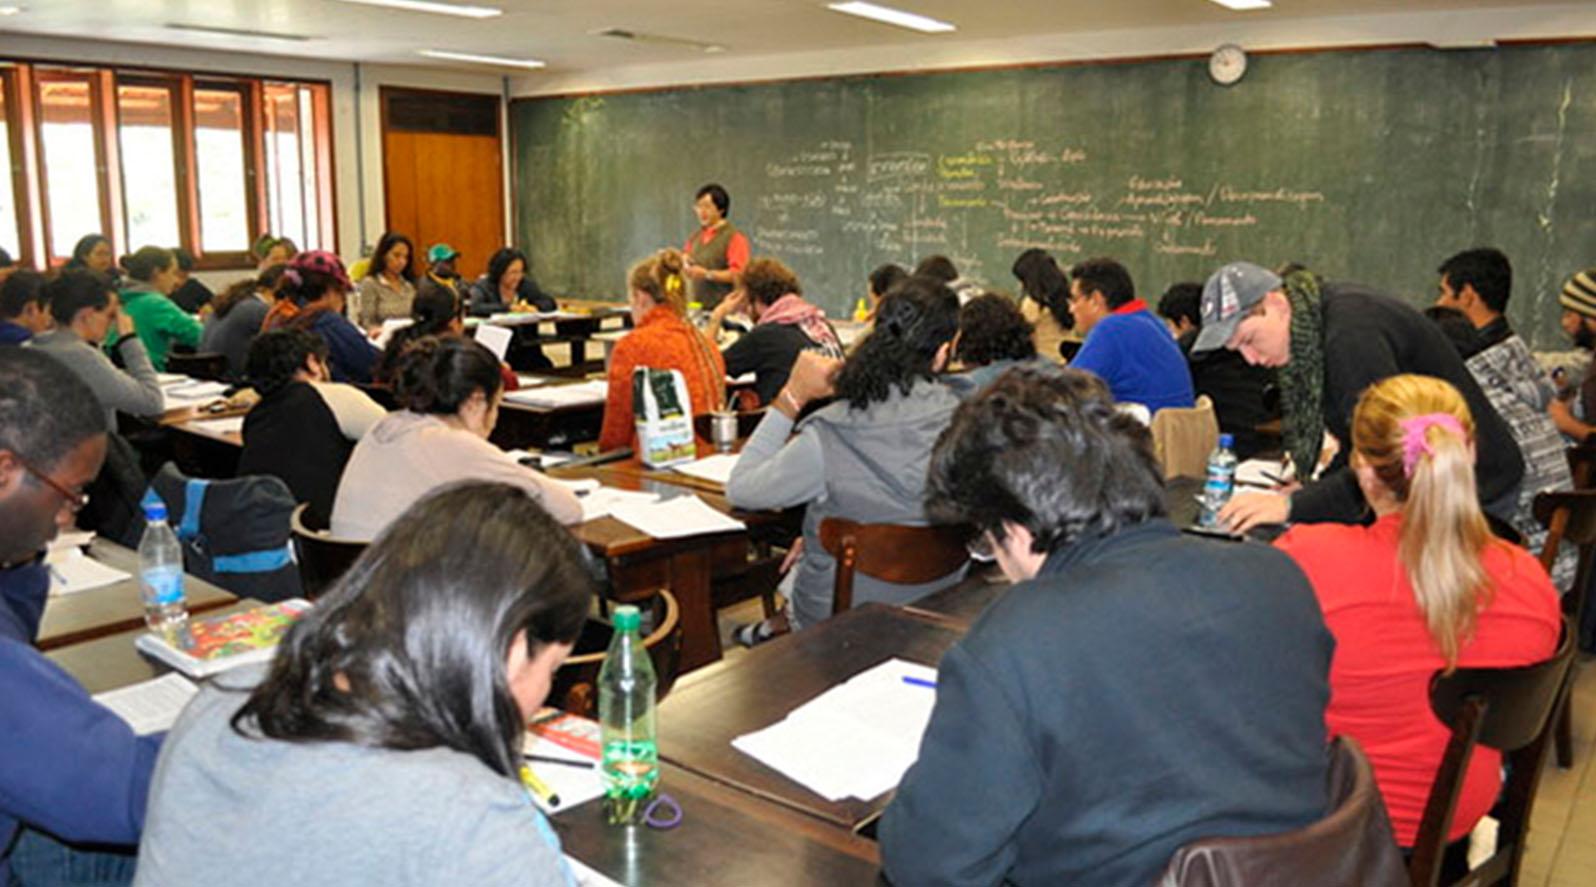 cursos da ENFF